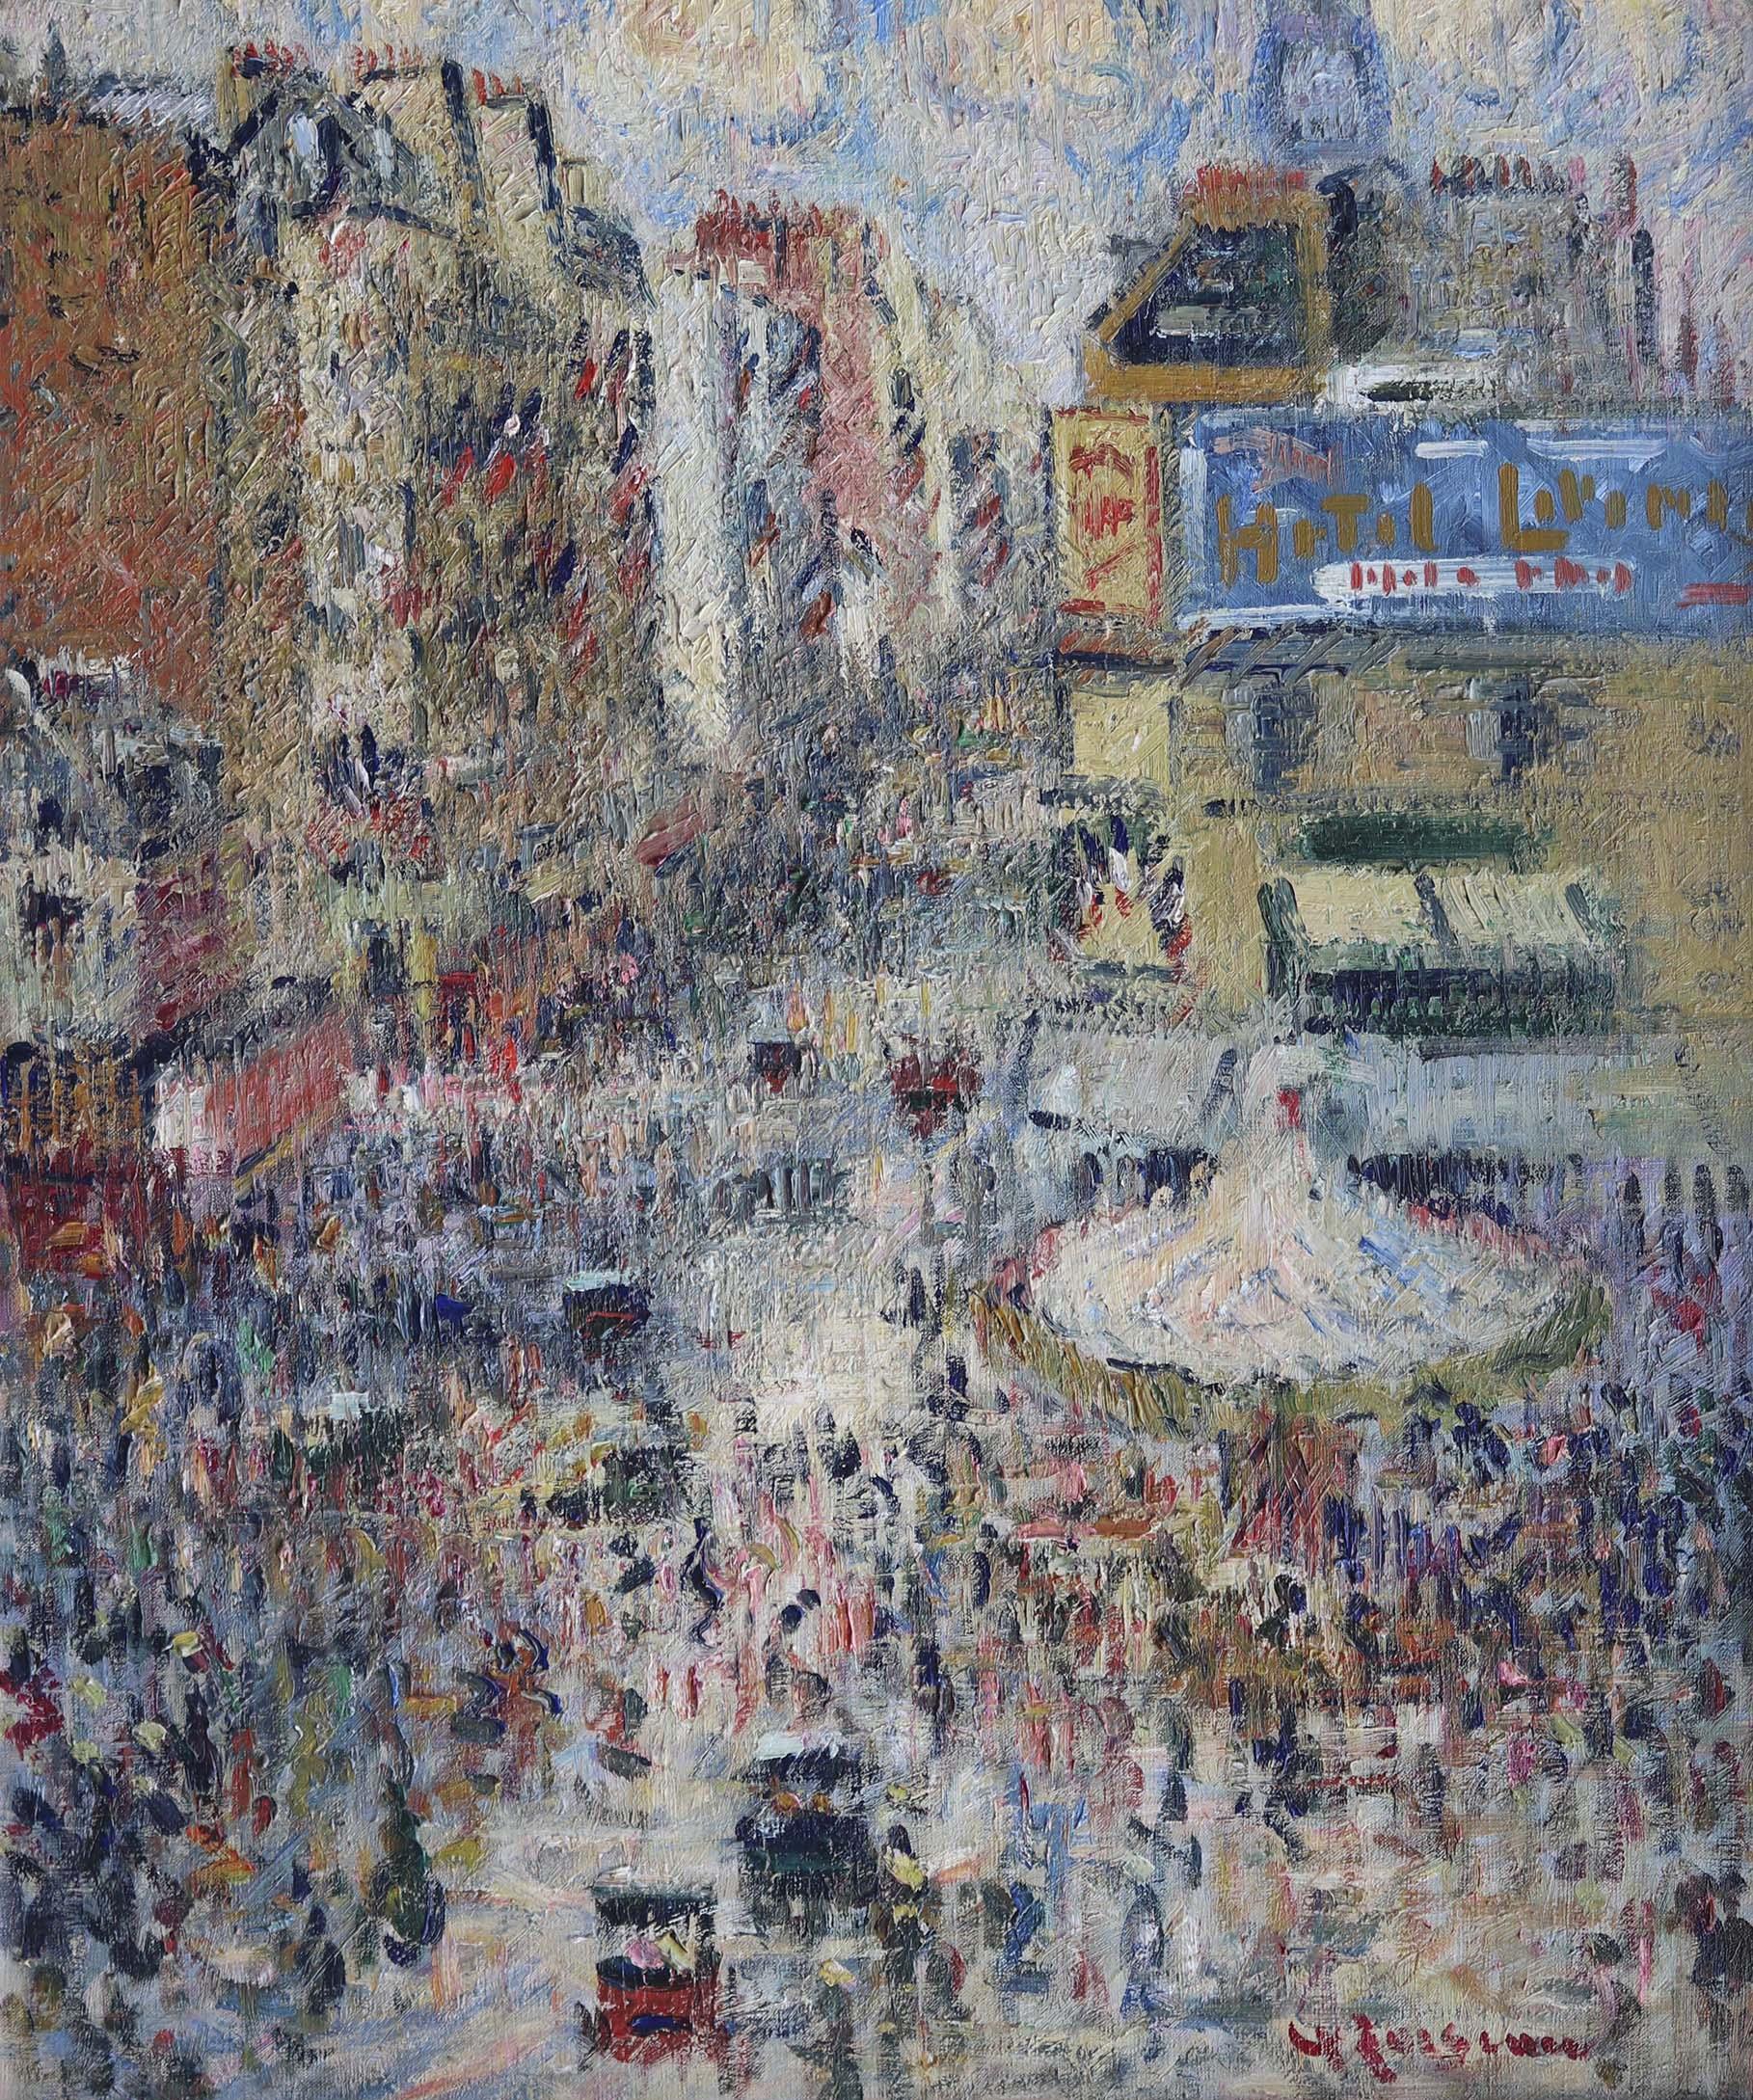 Rue de Clignancourt, soleil, le quatorze juillet by Gustave Loiseau, Oil on Canvas, 66cm x 55cm £195,000.